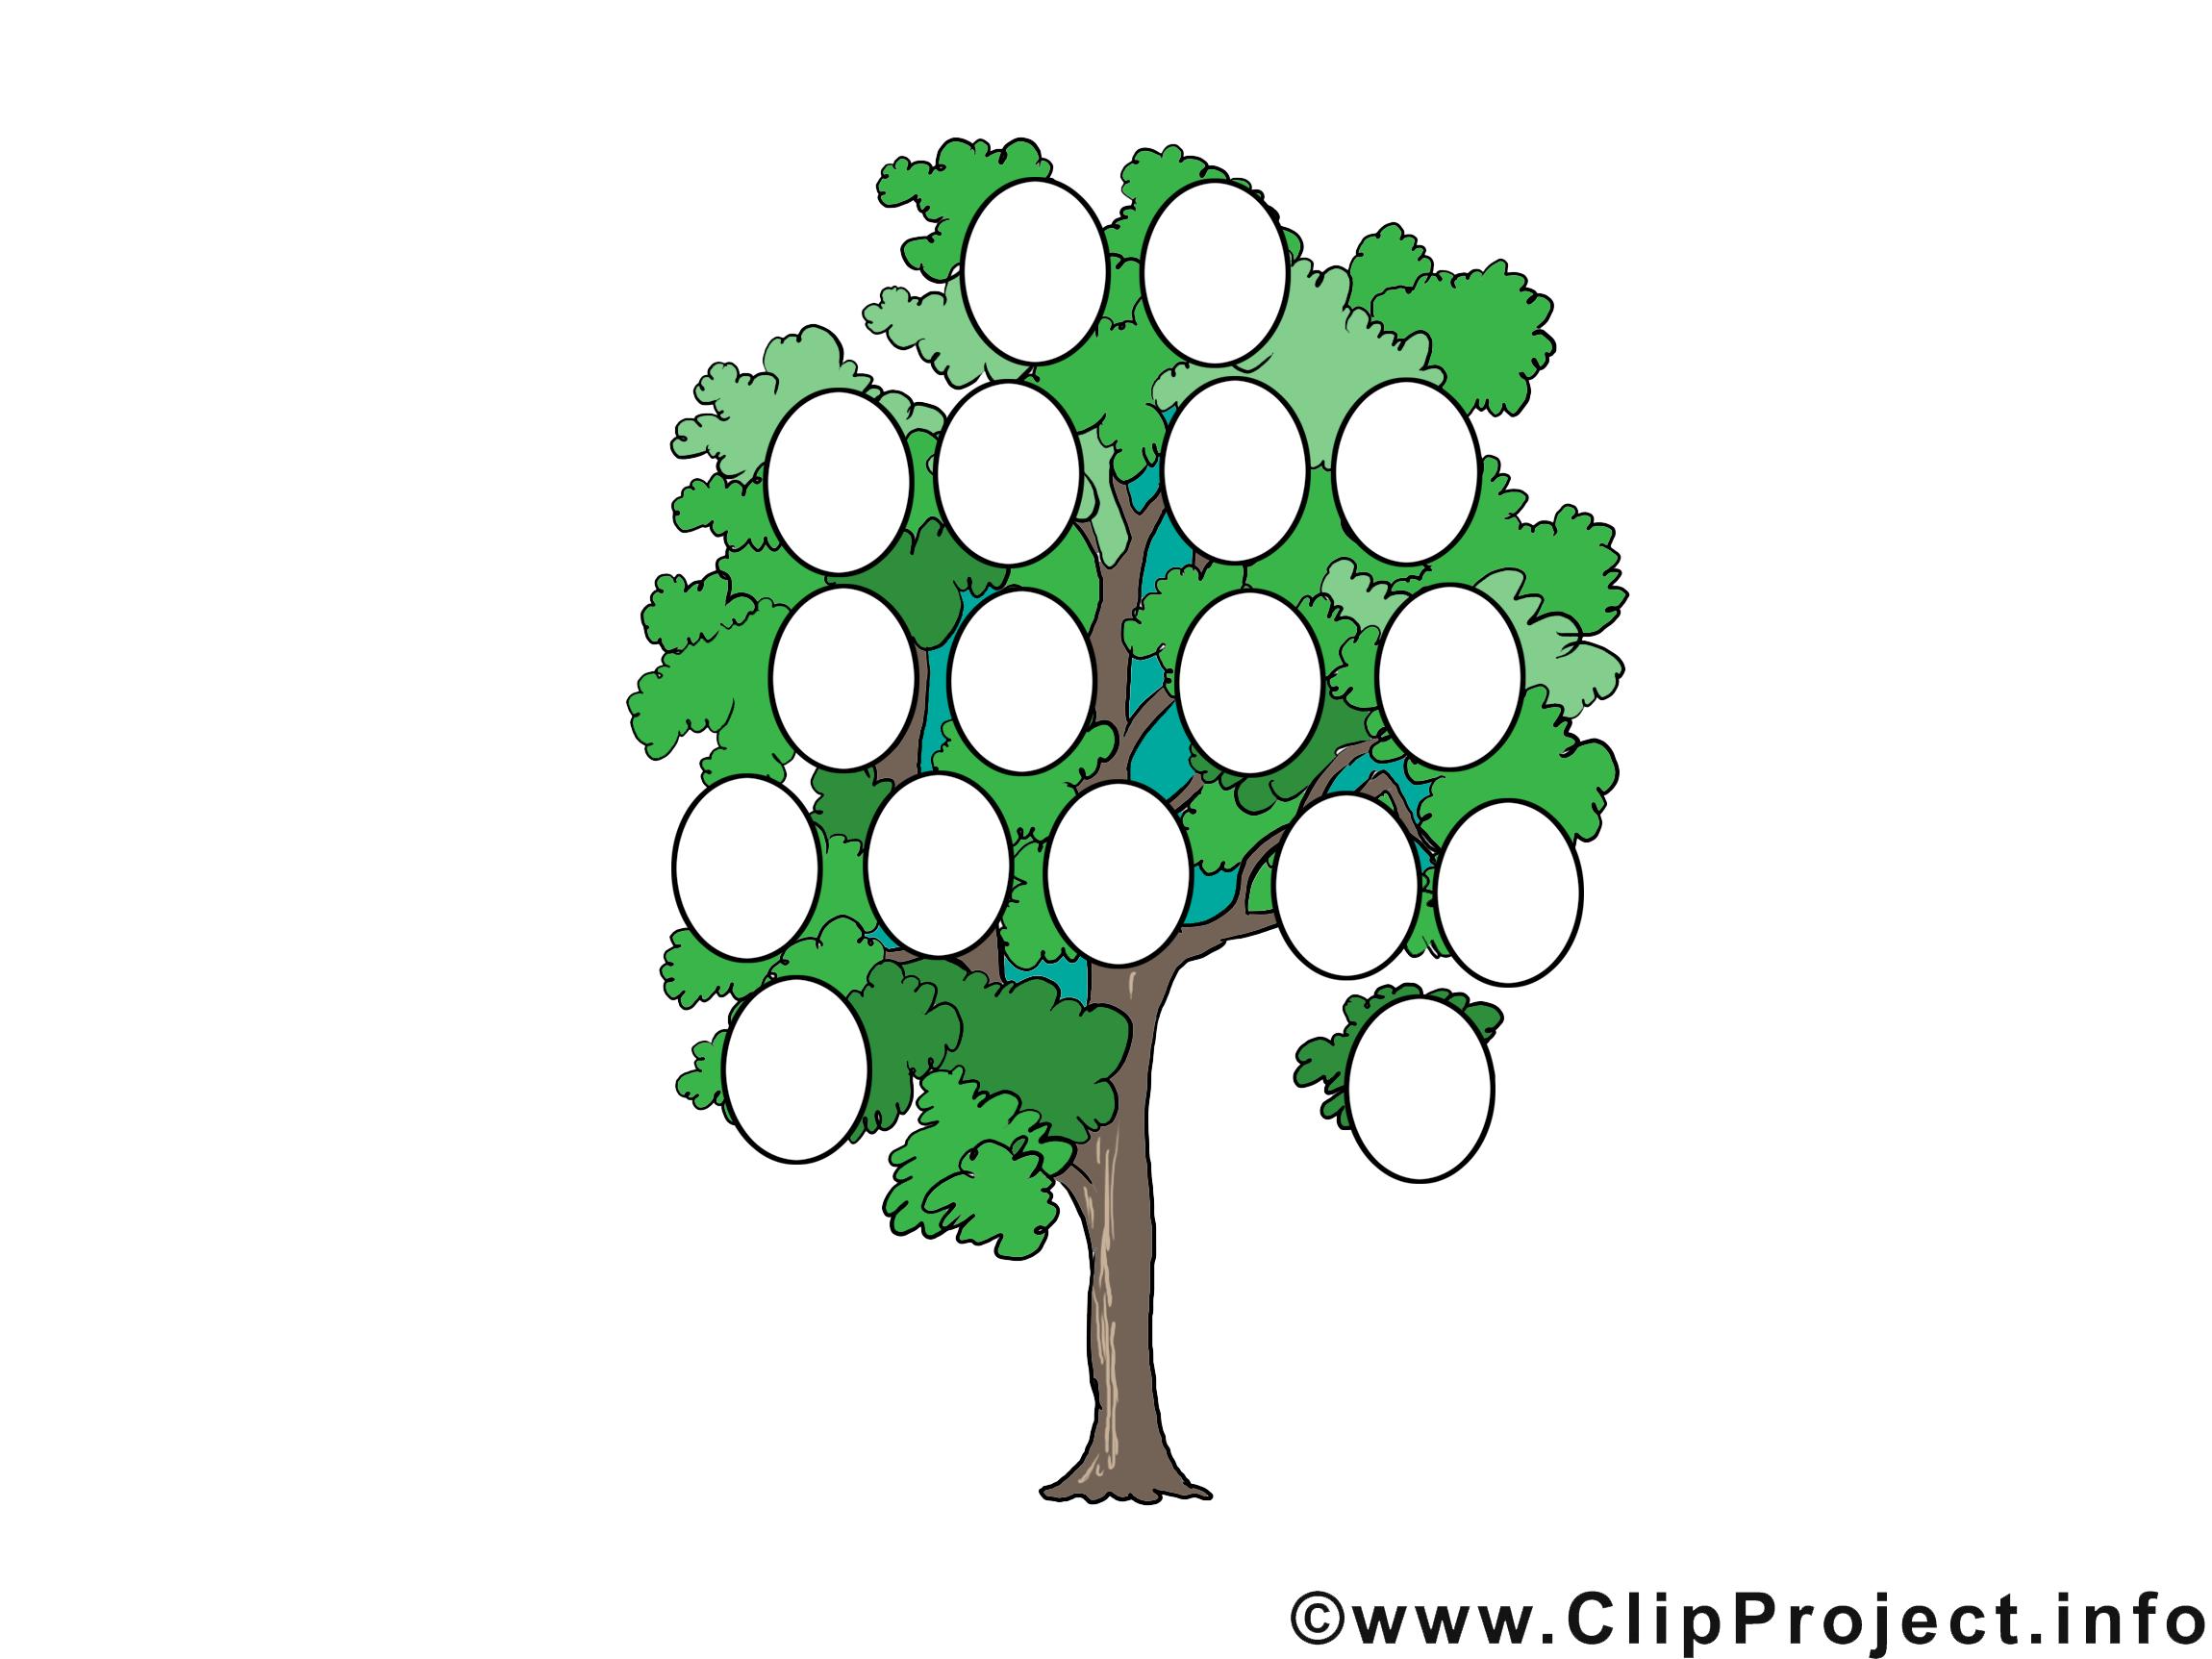 stammbaum vorlage zum ausdrucken